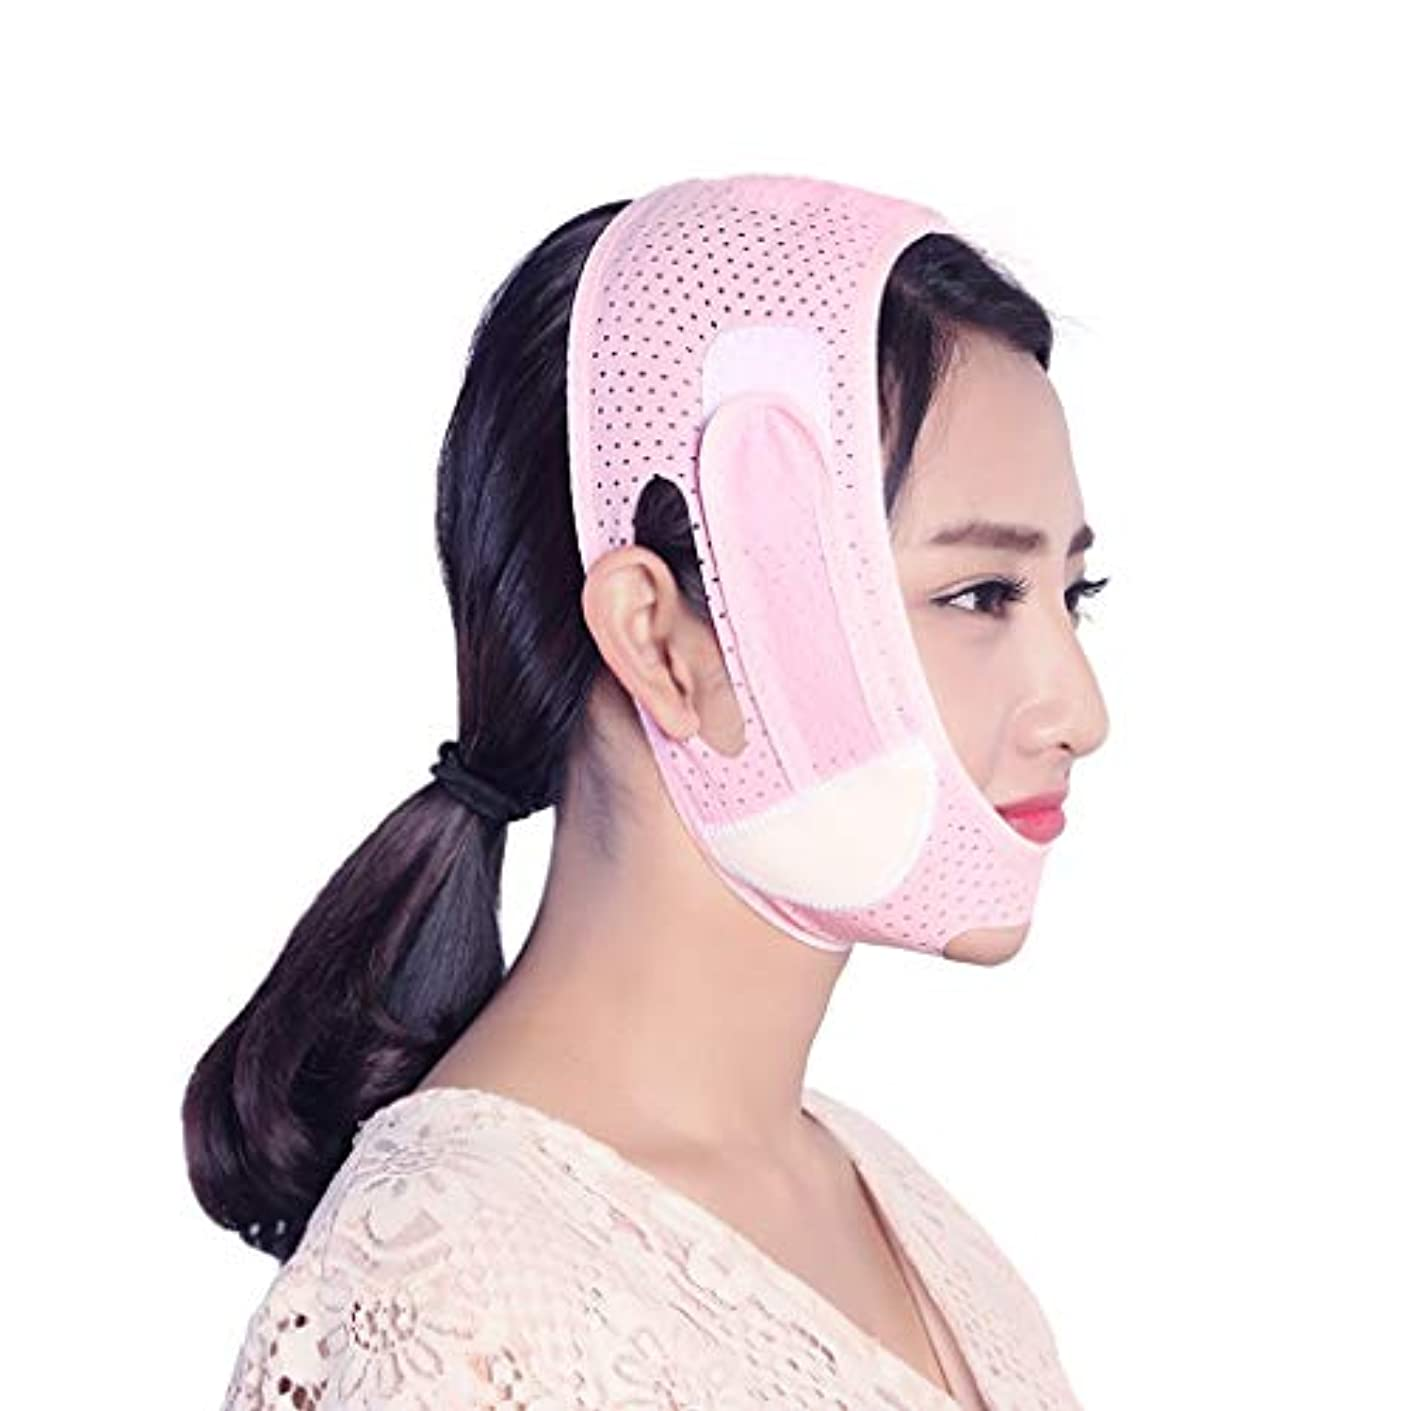 本能証明する到着するJia He 軽量 薄い顔ベルト、フェイシャル・スリミングアーティファクト薄いスリープ包帯二重あごVフェイス通気性ファーミングは薄いフェイスマスクを引い ## (Size : M)